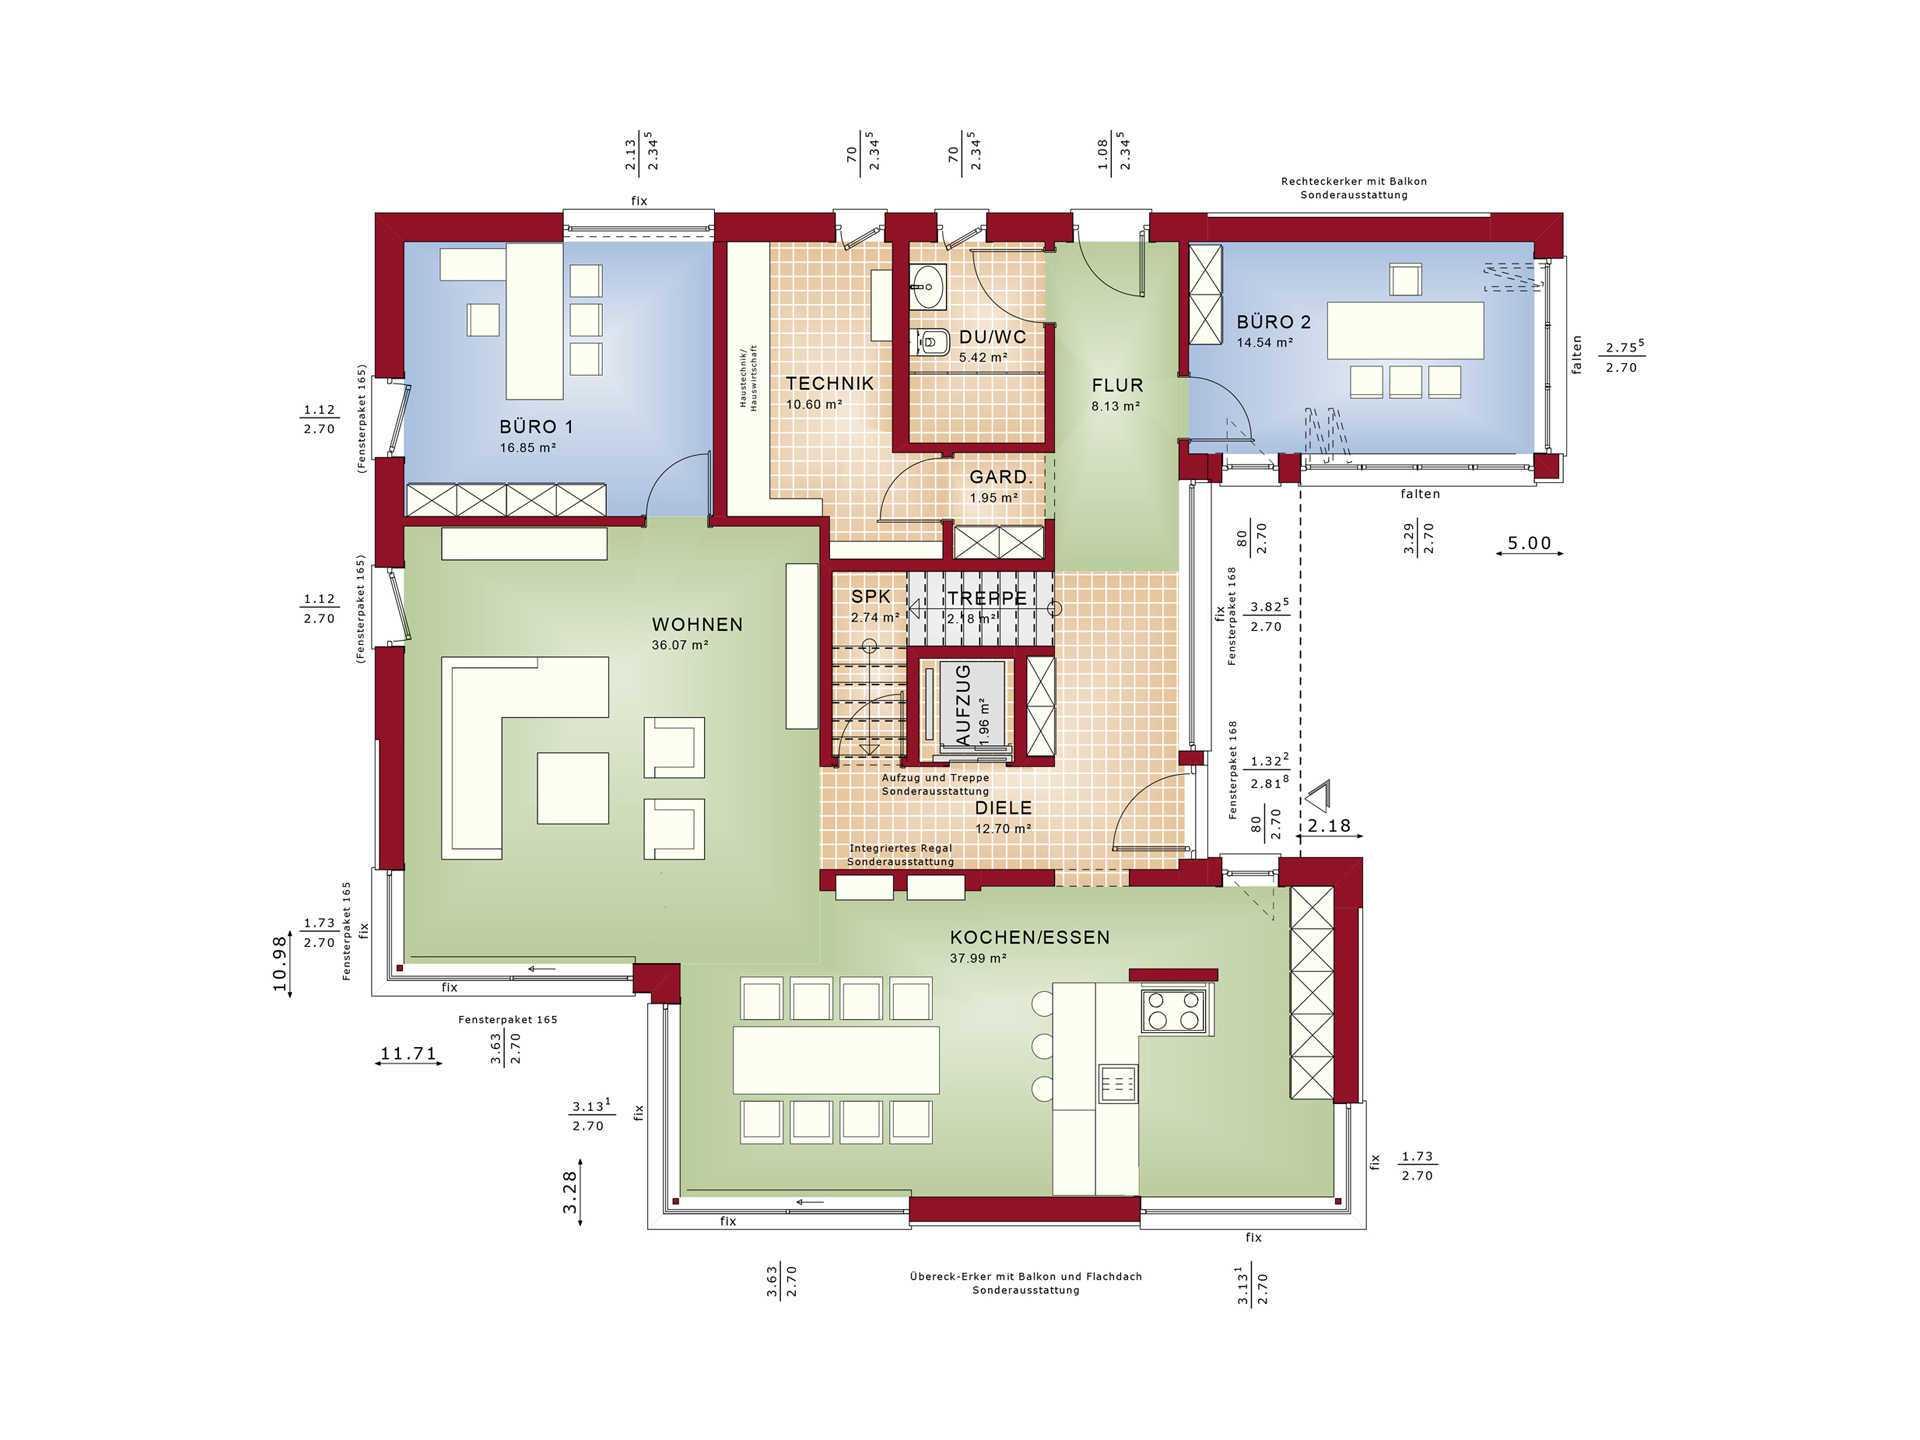 Luxushaus bauen hausbeispiel mit grundriss ideen und preisen for Grundriss luxushaus